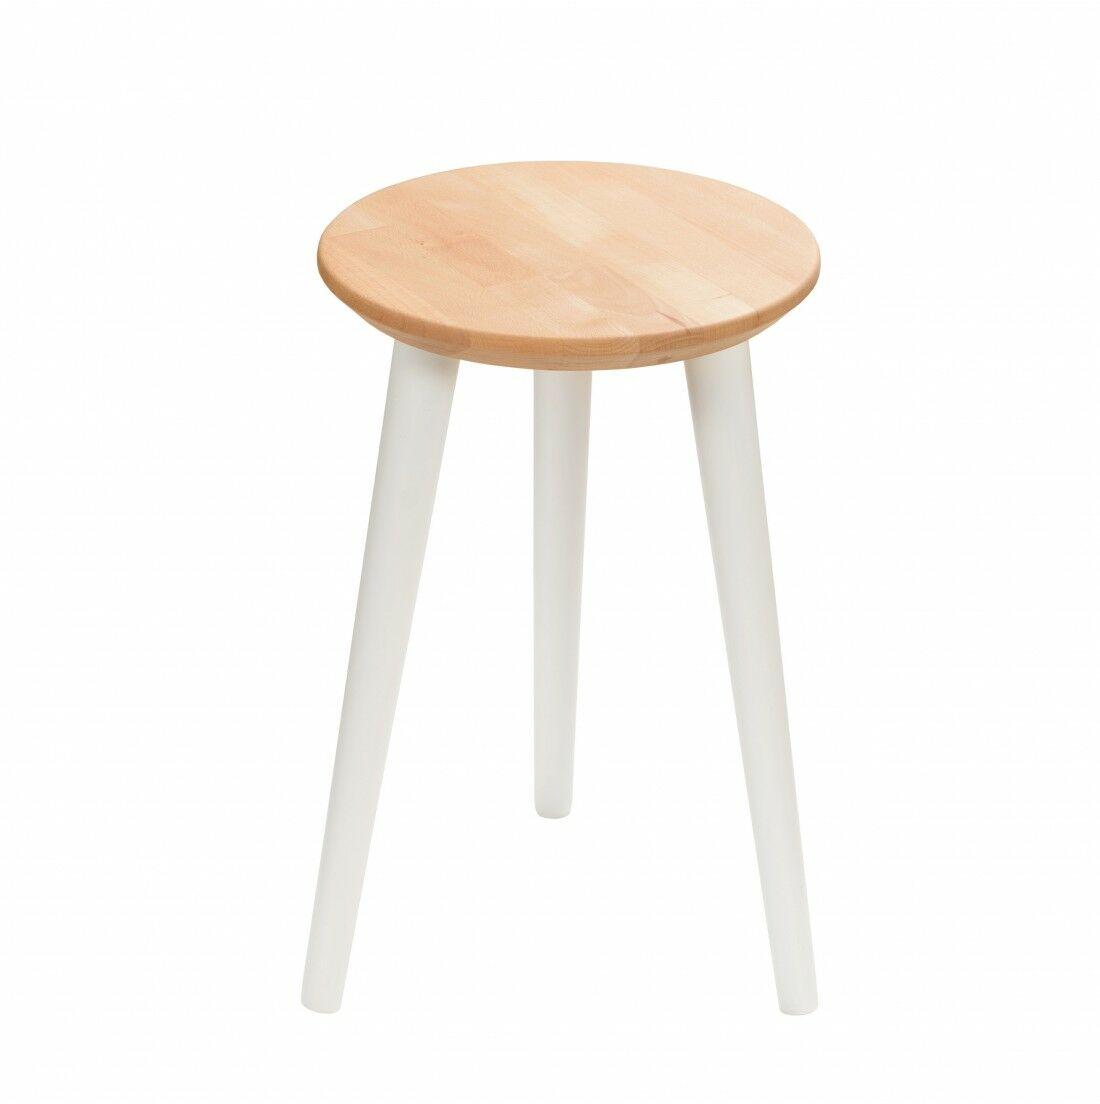 Taboret drewniany okrągły z litego buka Olejowany buk - Natural, Wykończenie nogi - Biały, Wysokość - 470, Wymiar siedziska (Średnica) - 300